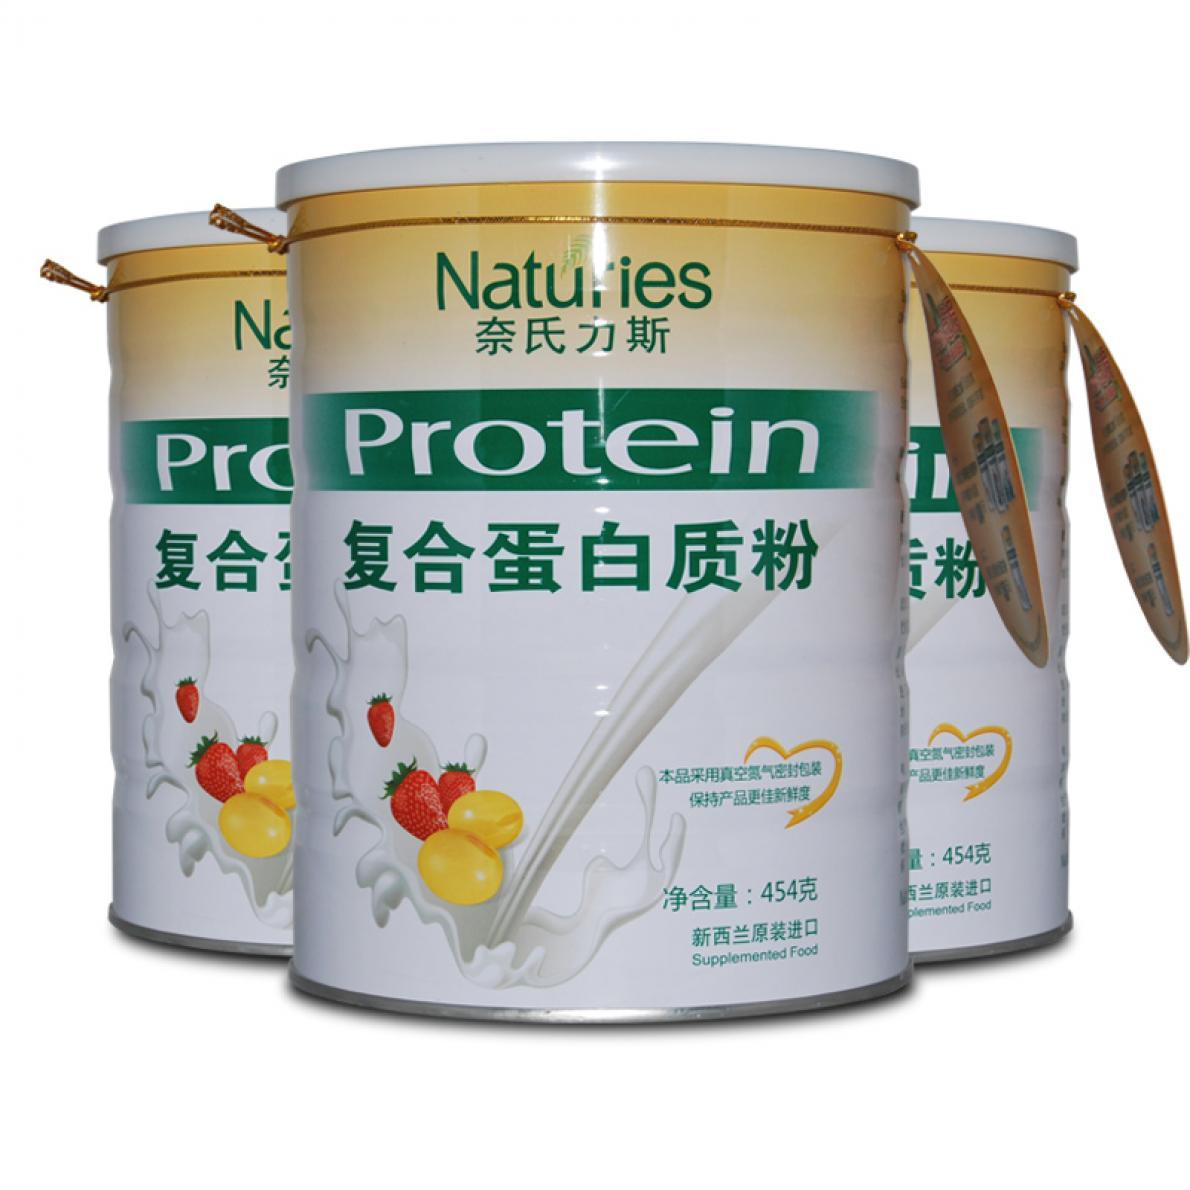 奈氏力斯 复合蛋白质粉 新西兰 454g/罐